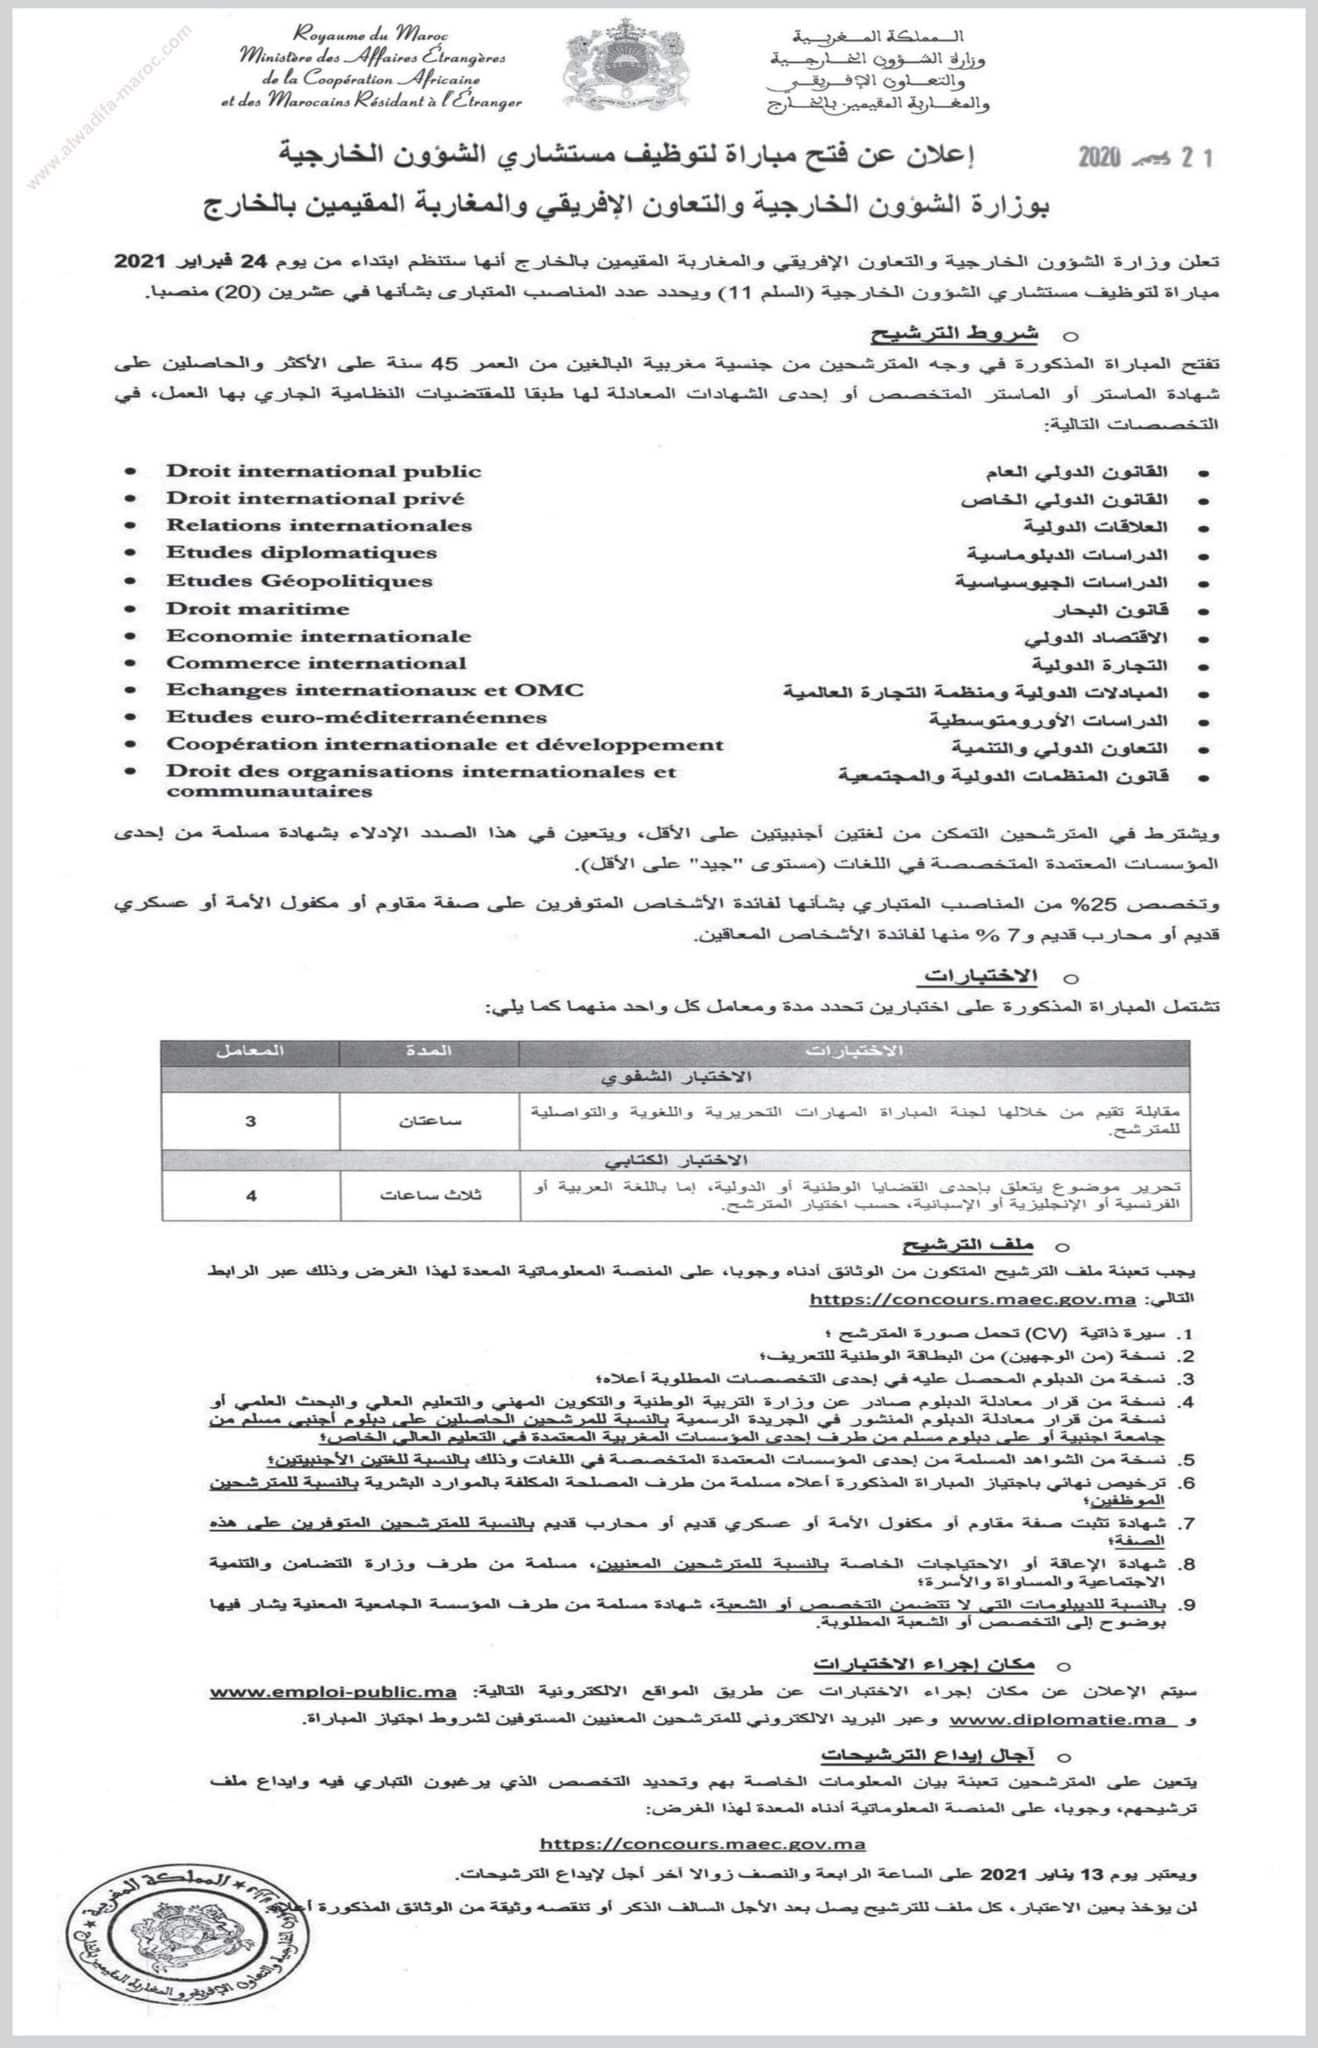 (20) Conseillers des Affaires Etrangères (échelle 11)